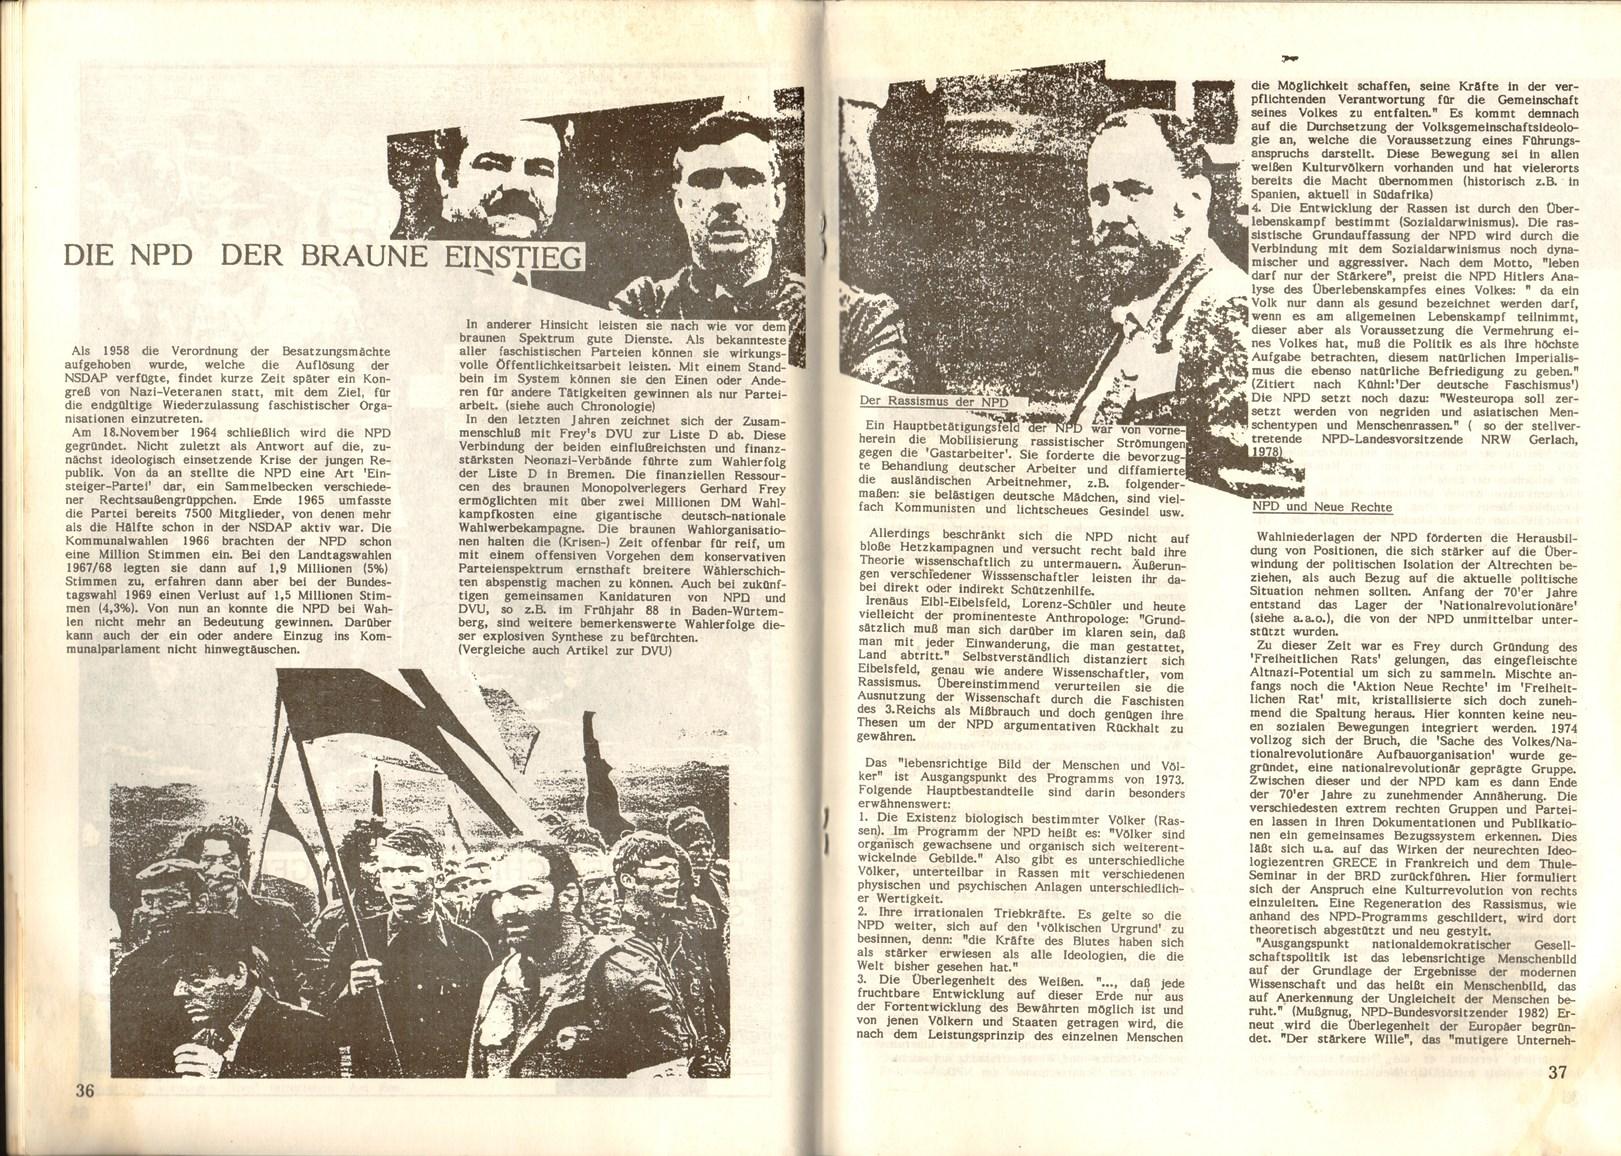 Gelsenkirchen_Zukunft_Vergangenheit_1988_19